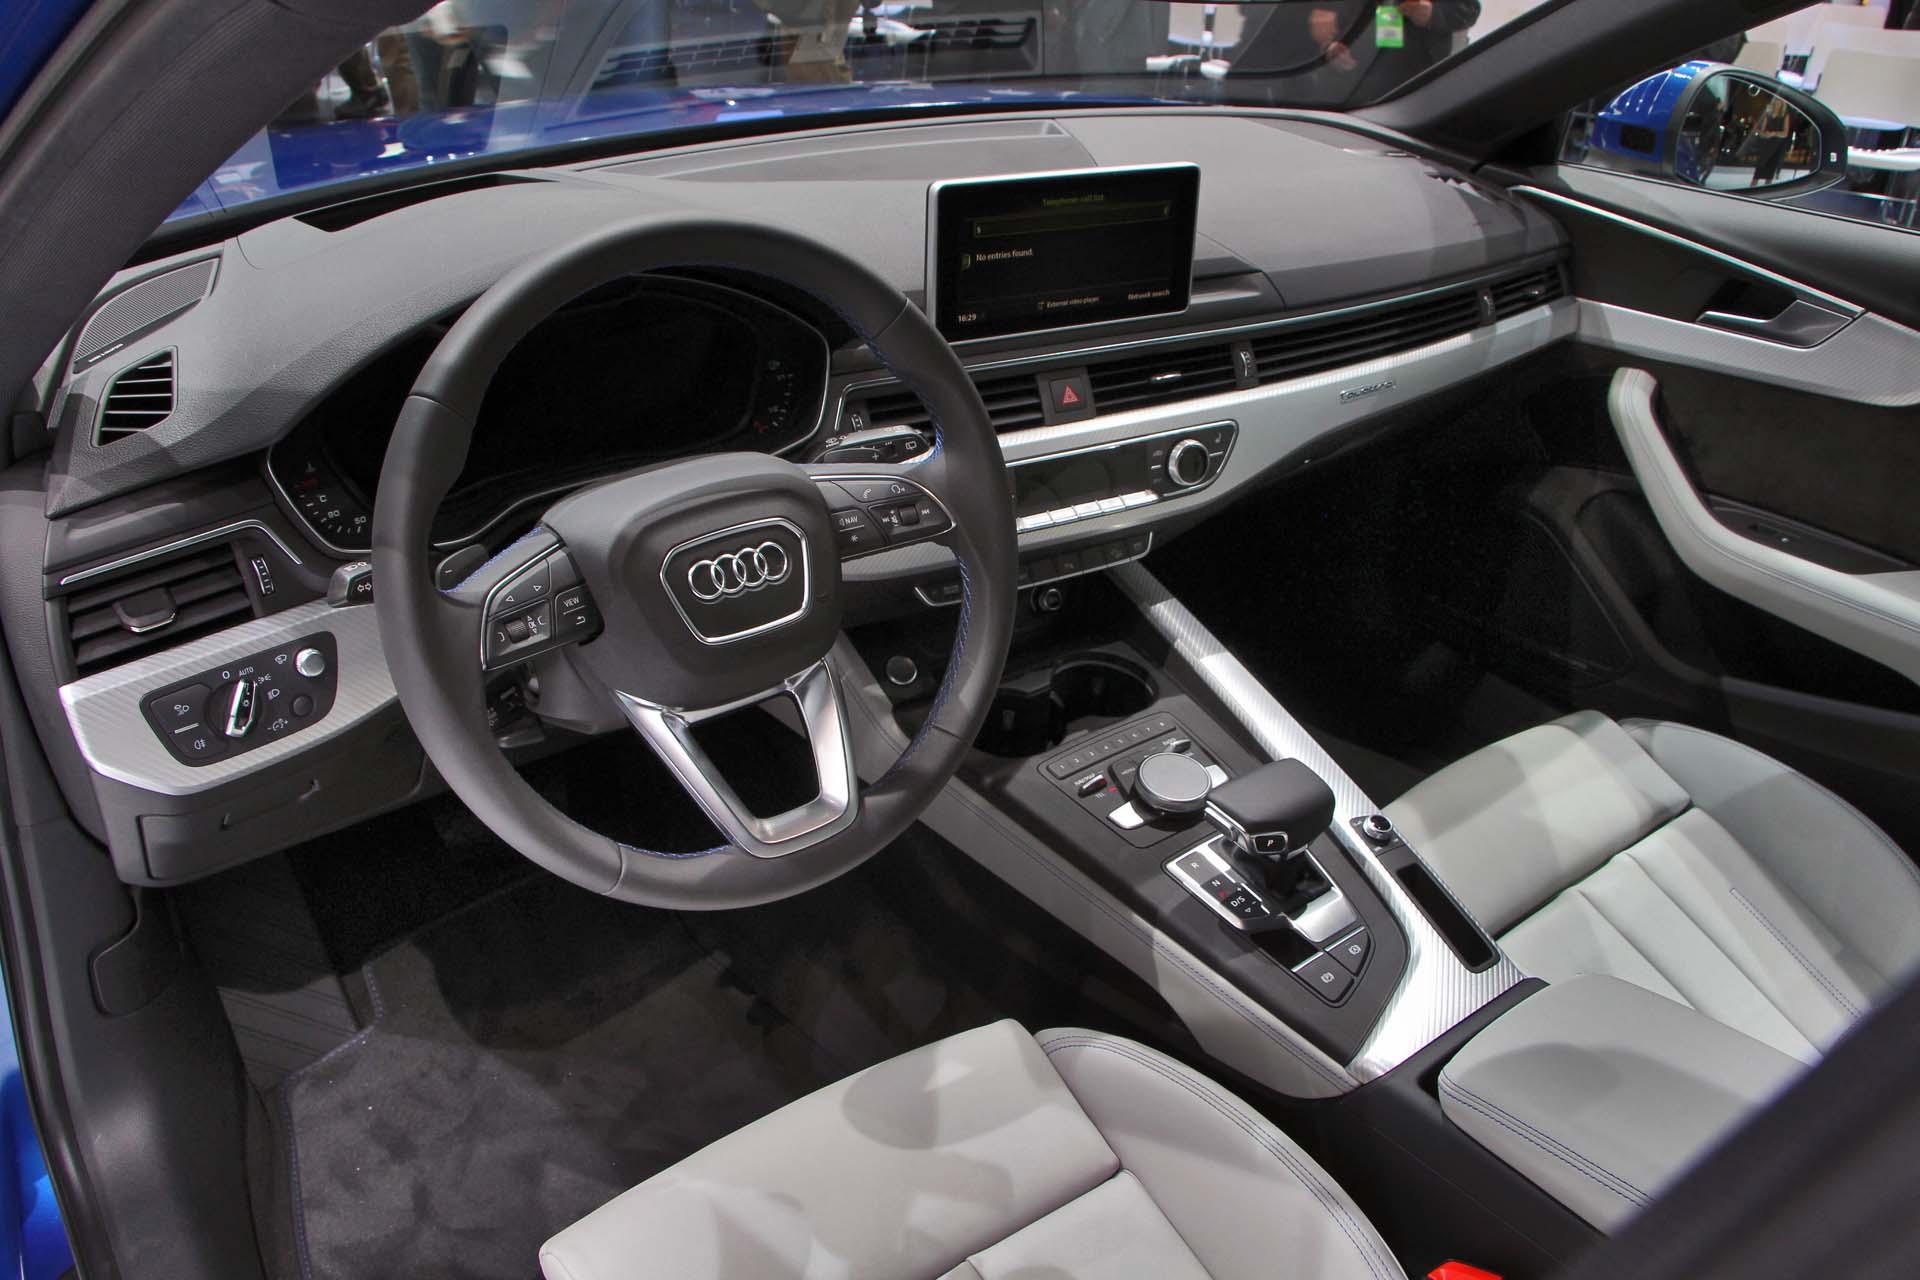 2017 Audi A4 Allroad Quattro - Autos.ca